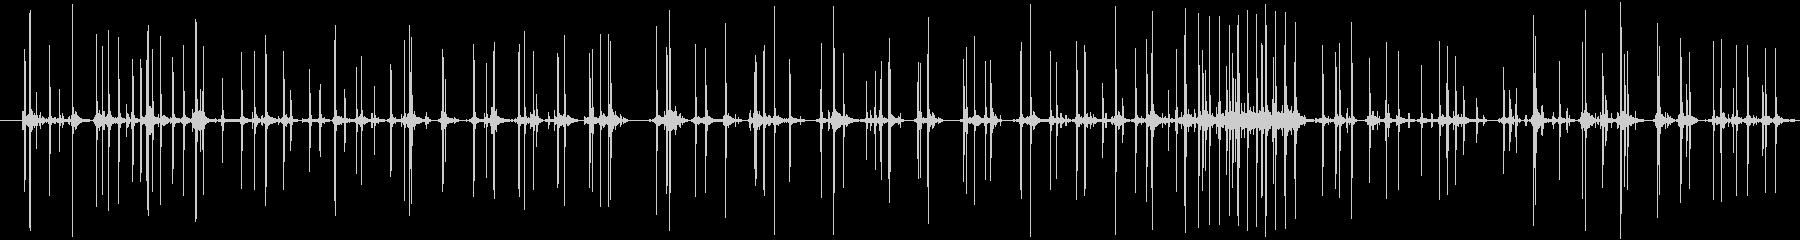 そろばんを弾く音 ご破算音入りの未再生の波形